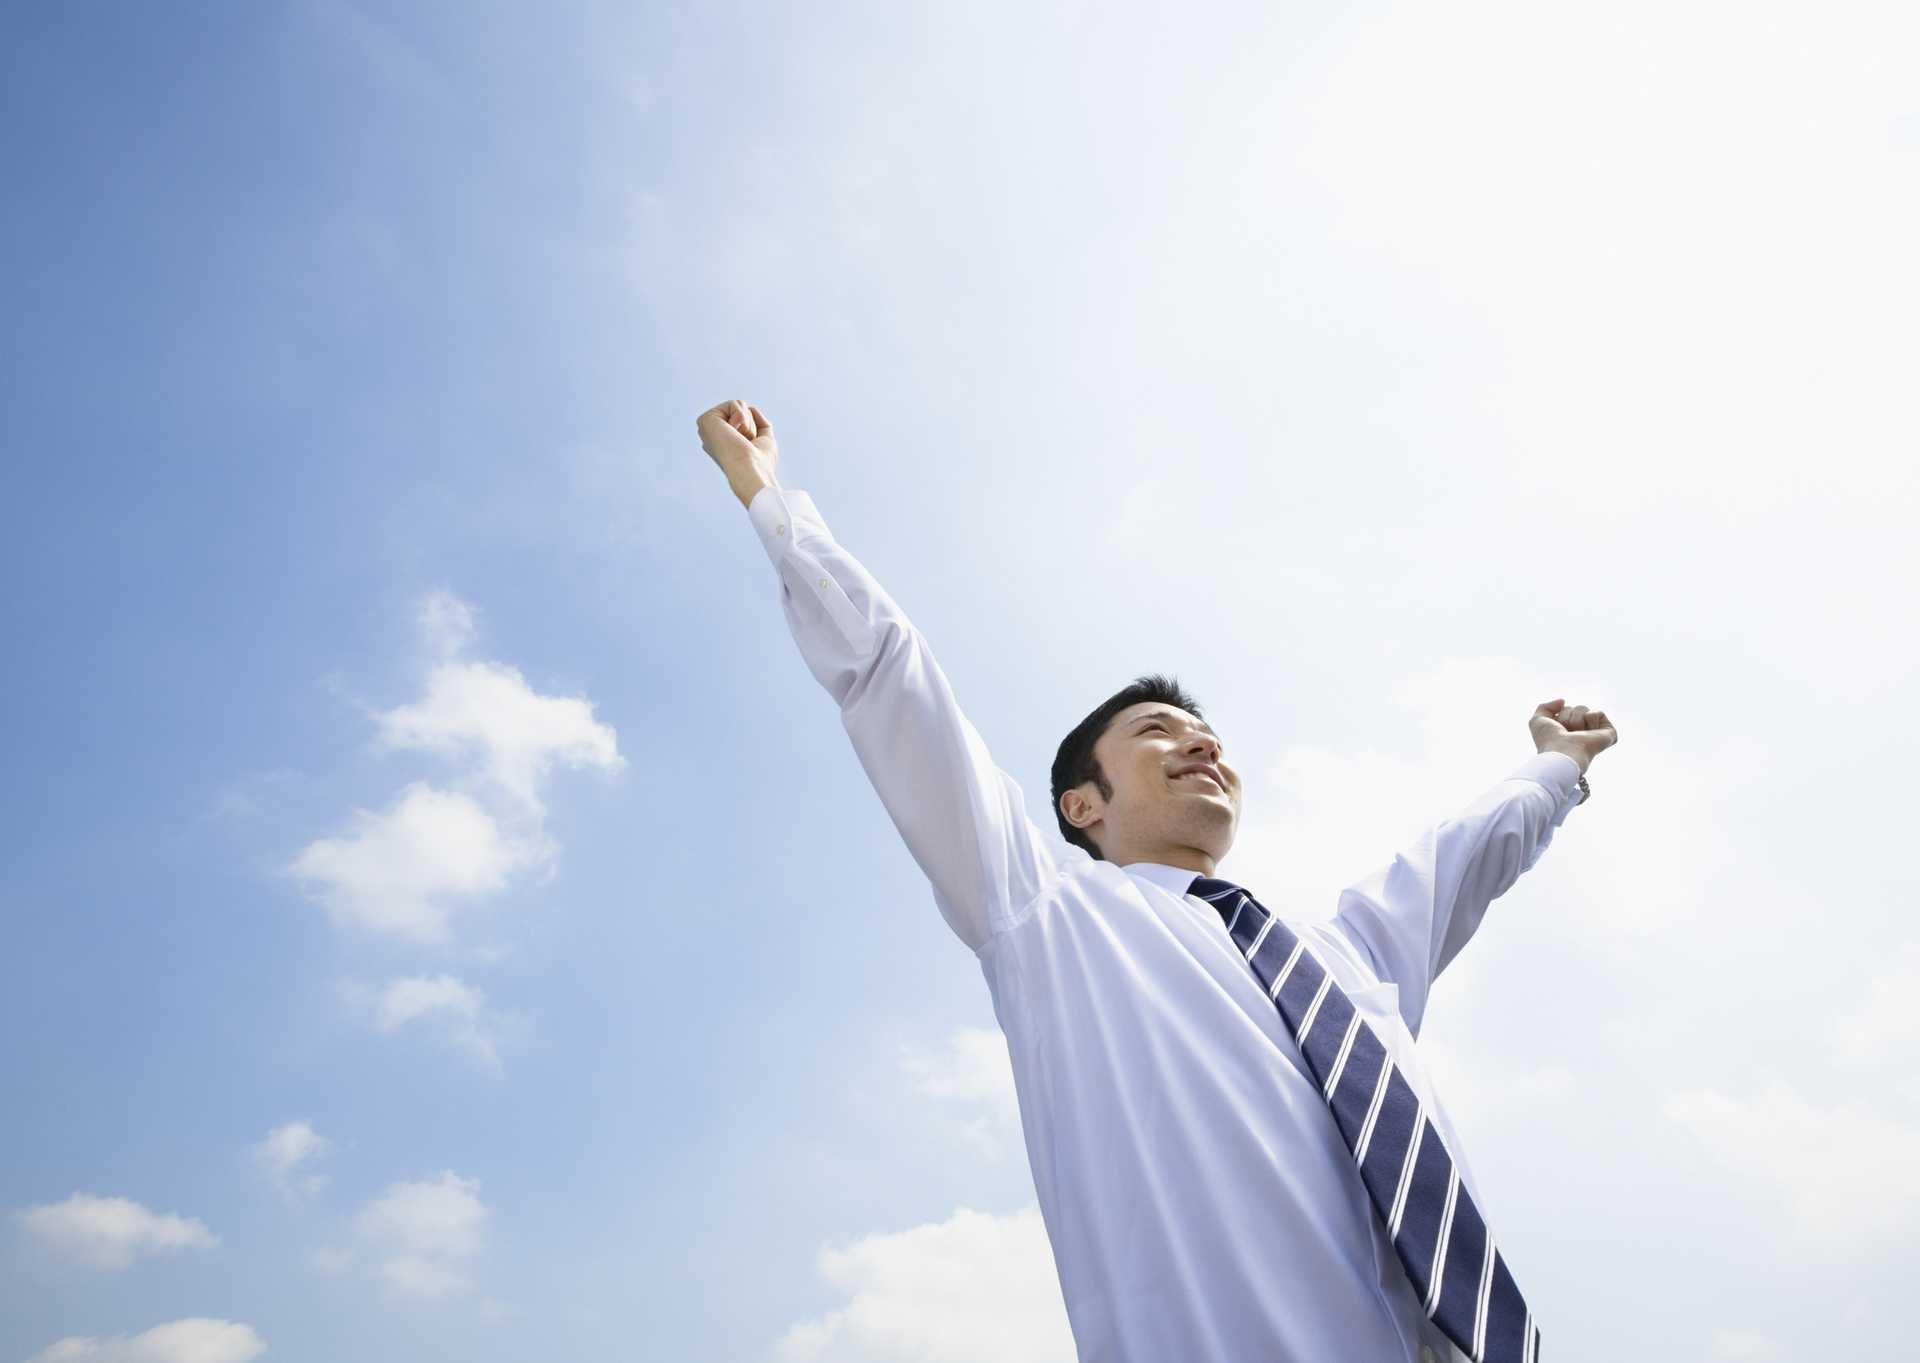 やる気を出すとは「気分を高める」ということ。 | やる気を出す30の方法